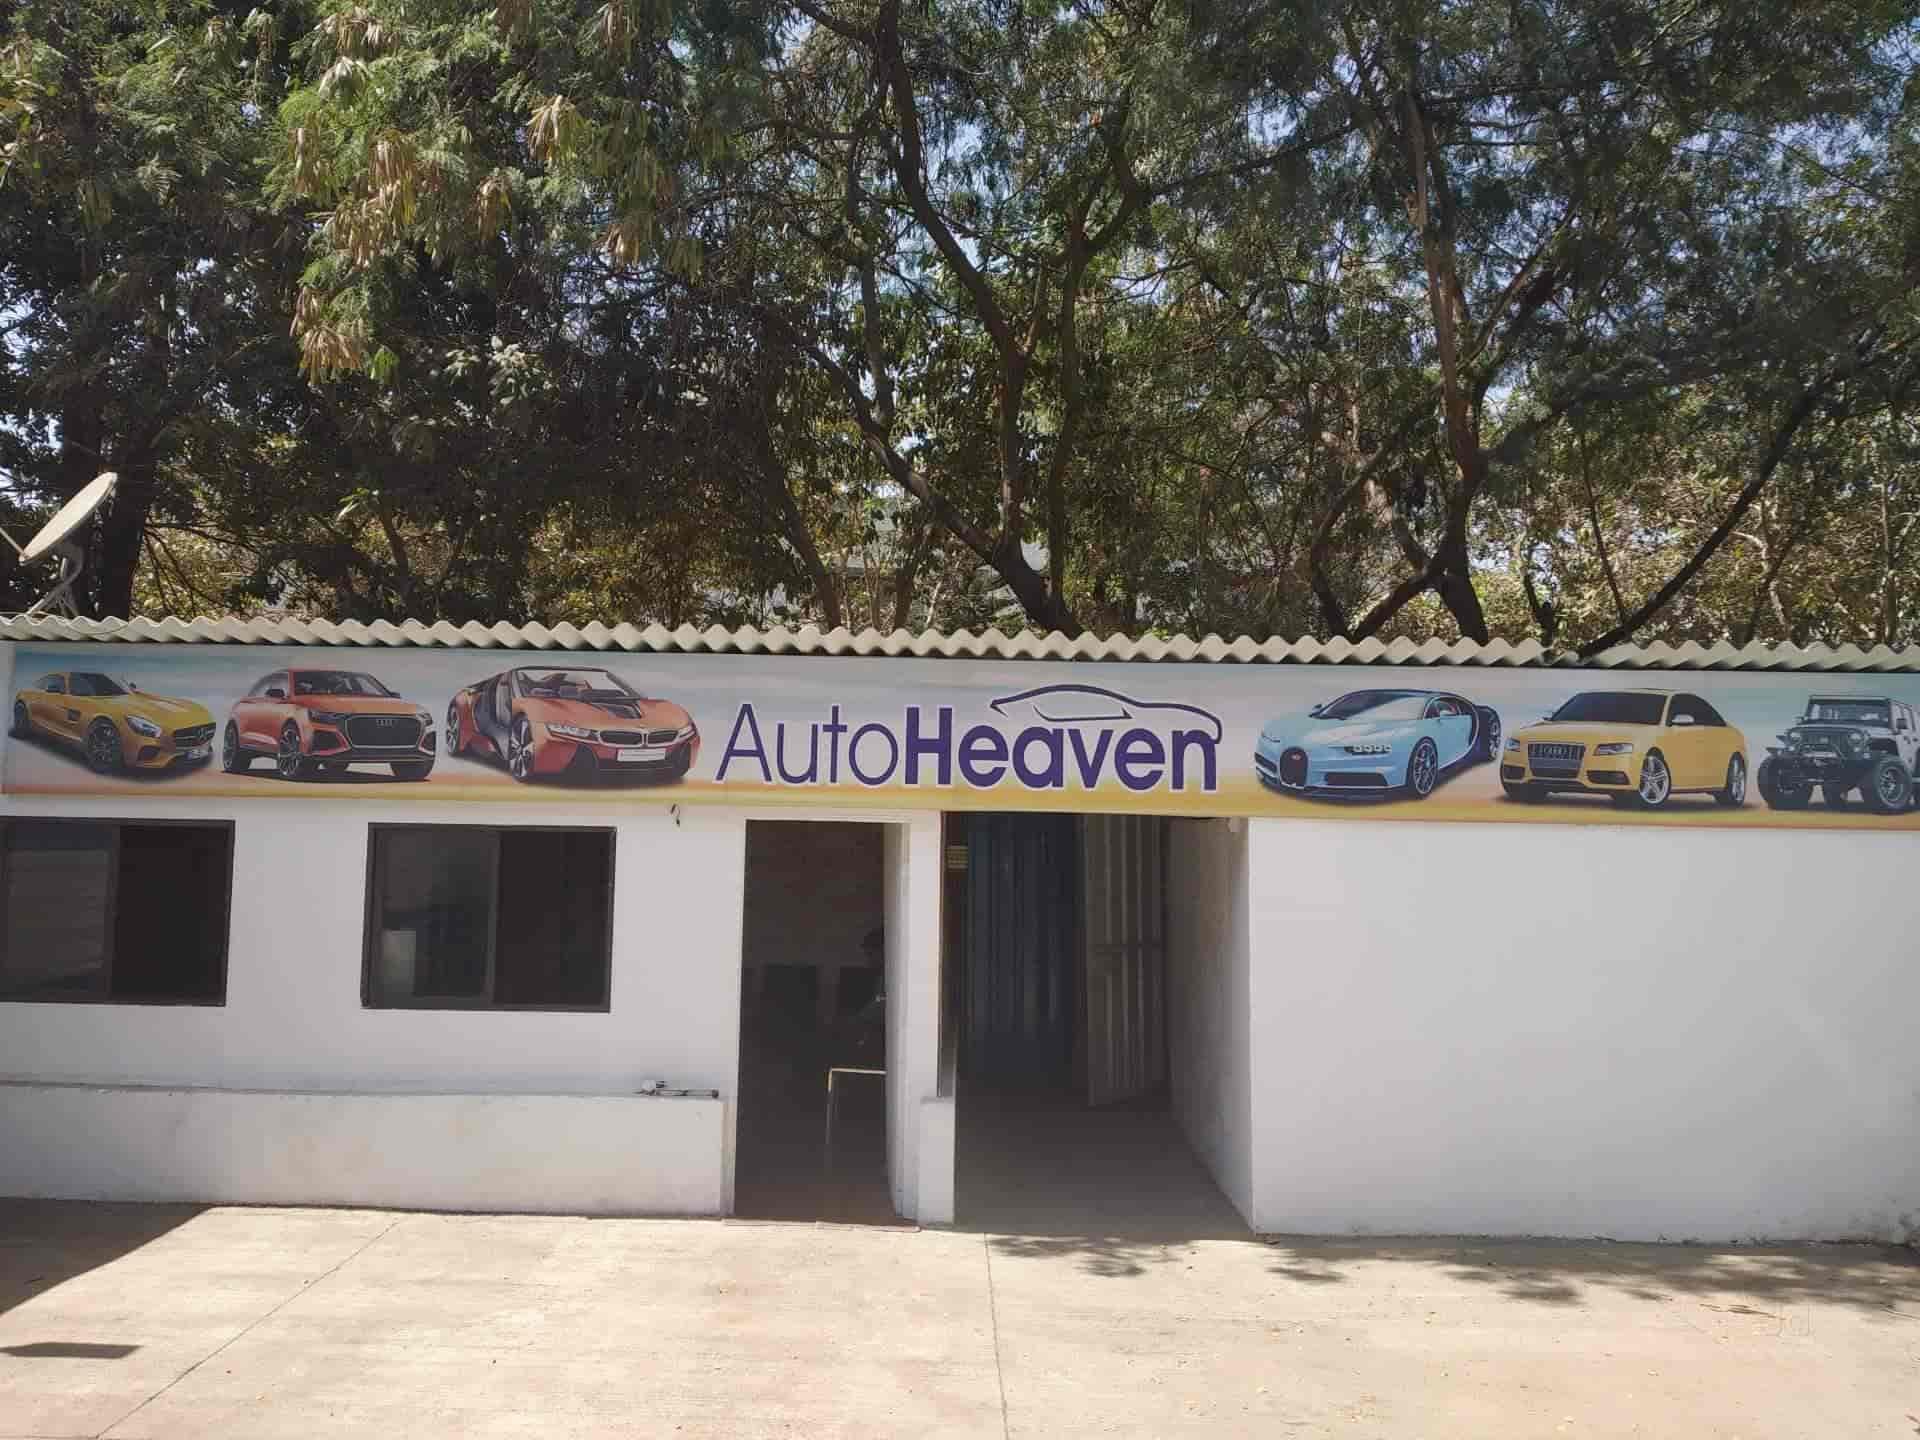 Auto Heaven, Kedari Nagar Wanwadi - Second Hand Car Dealers